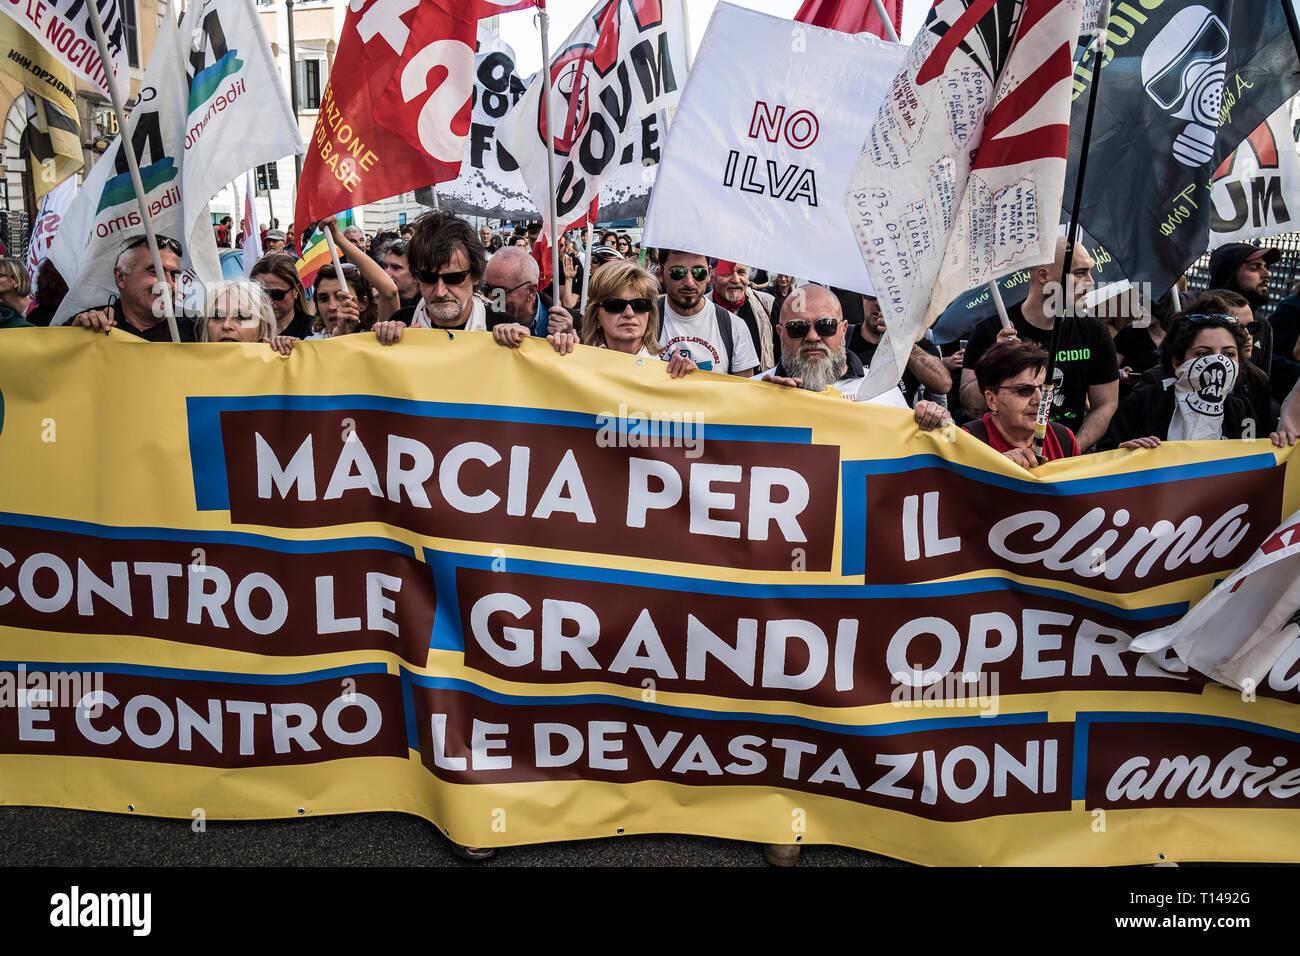 Pueblo Italiano - Página 9 Roma-italia-23-de-marzo-de-2019-miles-de-personas-llevaron-a-cabo-una-manifestacion-para-pedir-que-se-detenga-el-calentamiento-global-y-el-cambio-climatico-y-contra-el-tav-la-turin-lyon-alta-velocidad-ferroviaria-el-grifo-trans-oleoducto-adriatico-y-frente-a-la-estacion-de-tierra-mous-en-sicilia-credito-giuseppe-cicciaalamy-live-news-t1492g